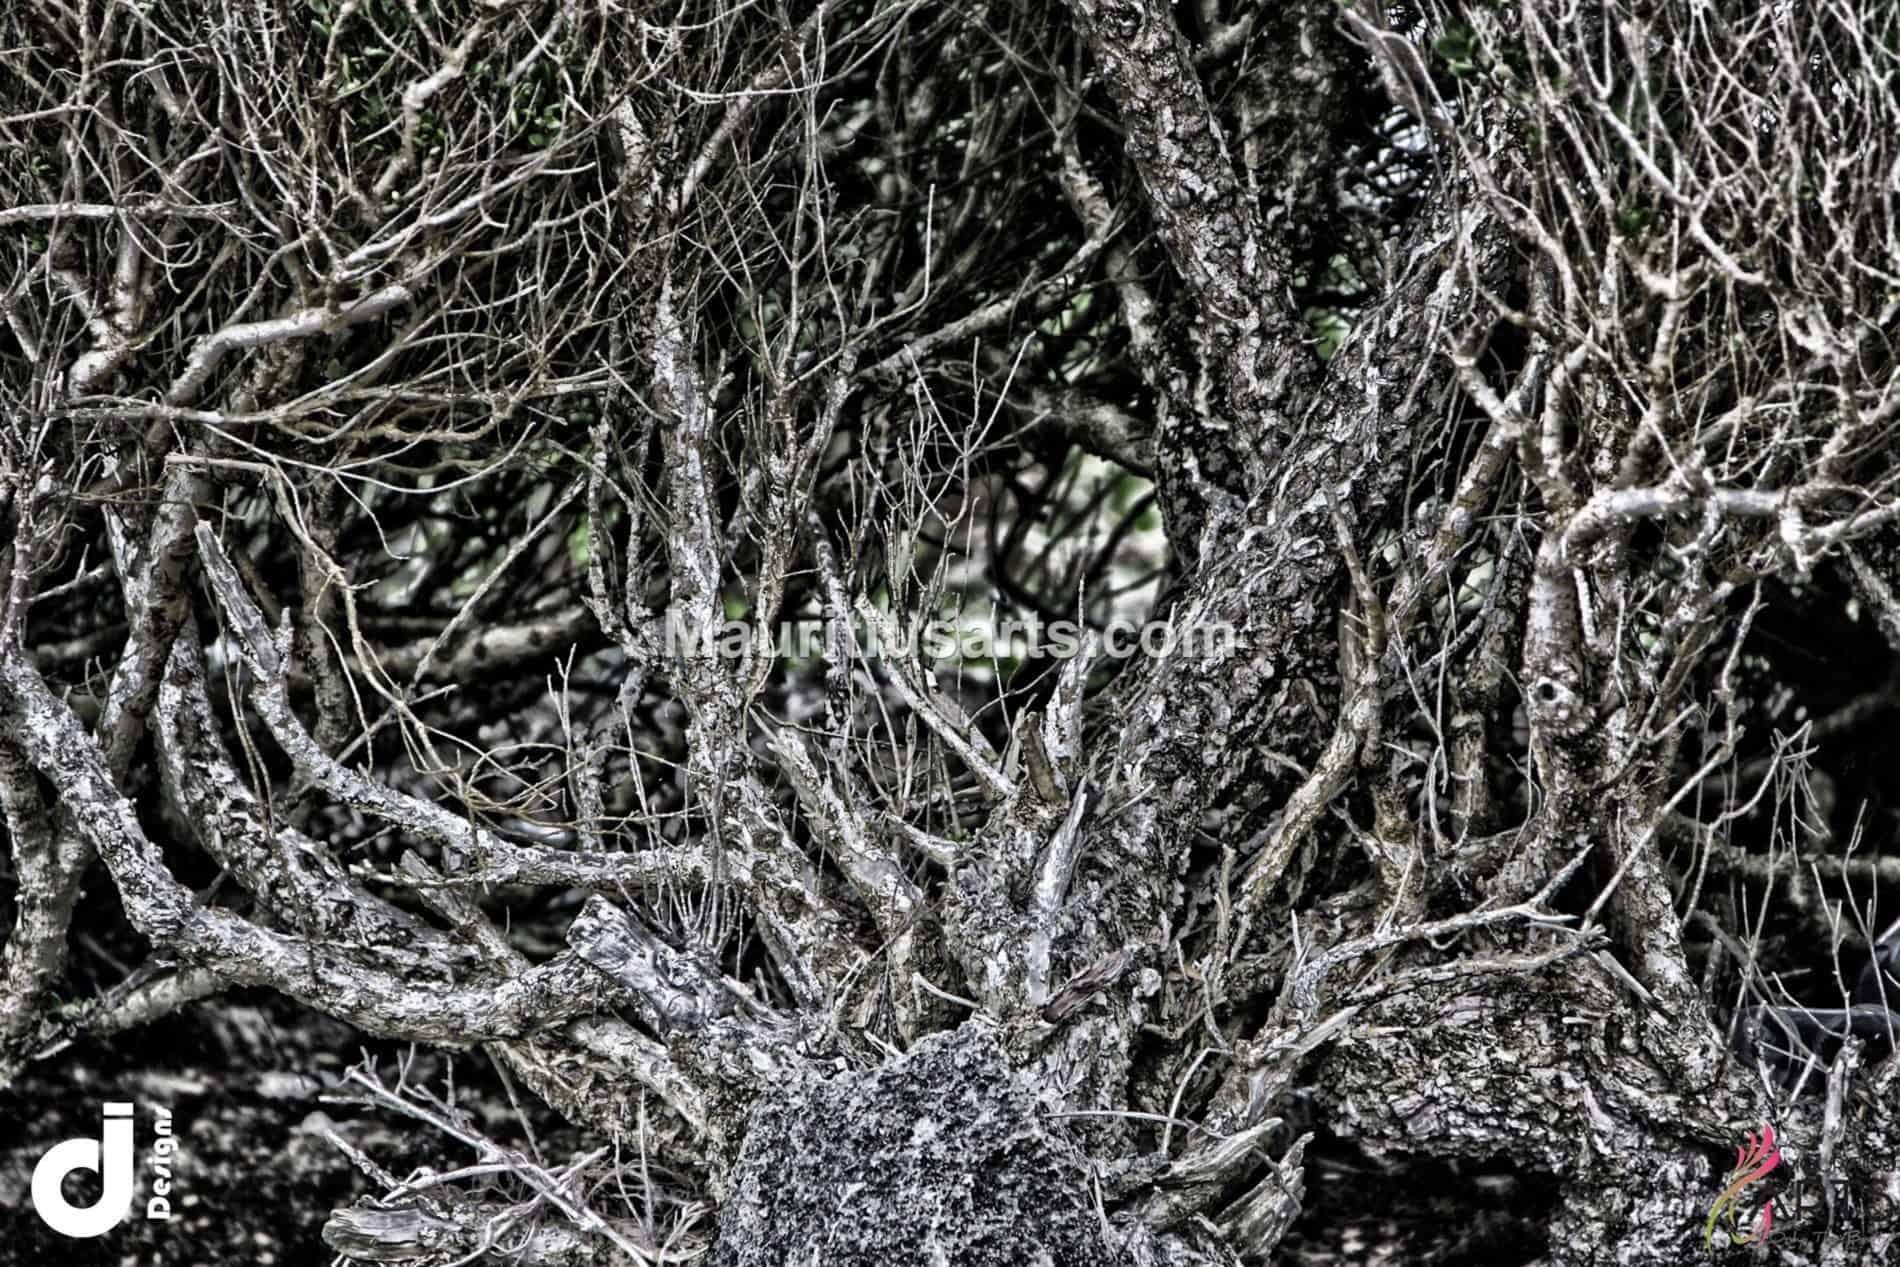 mauritius-arts-djunaid-jeetoo-tangle